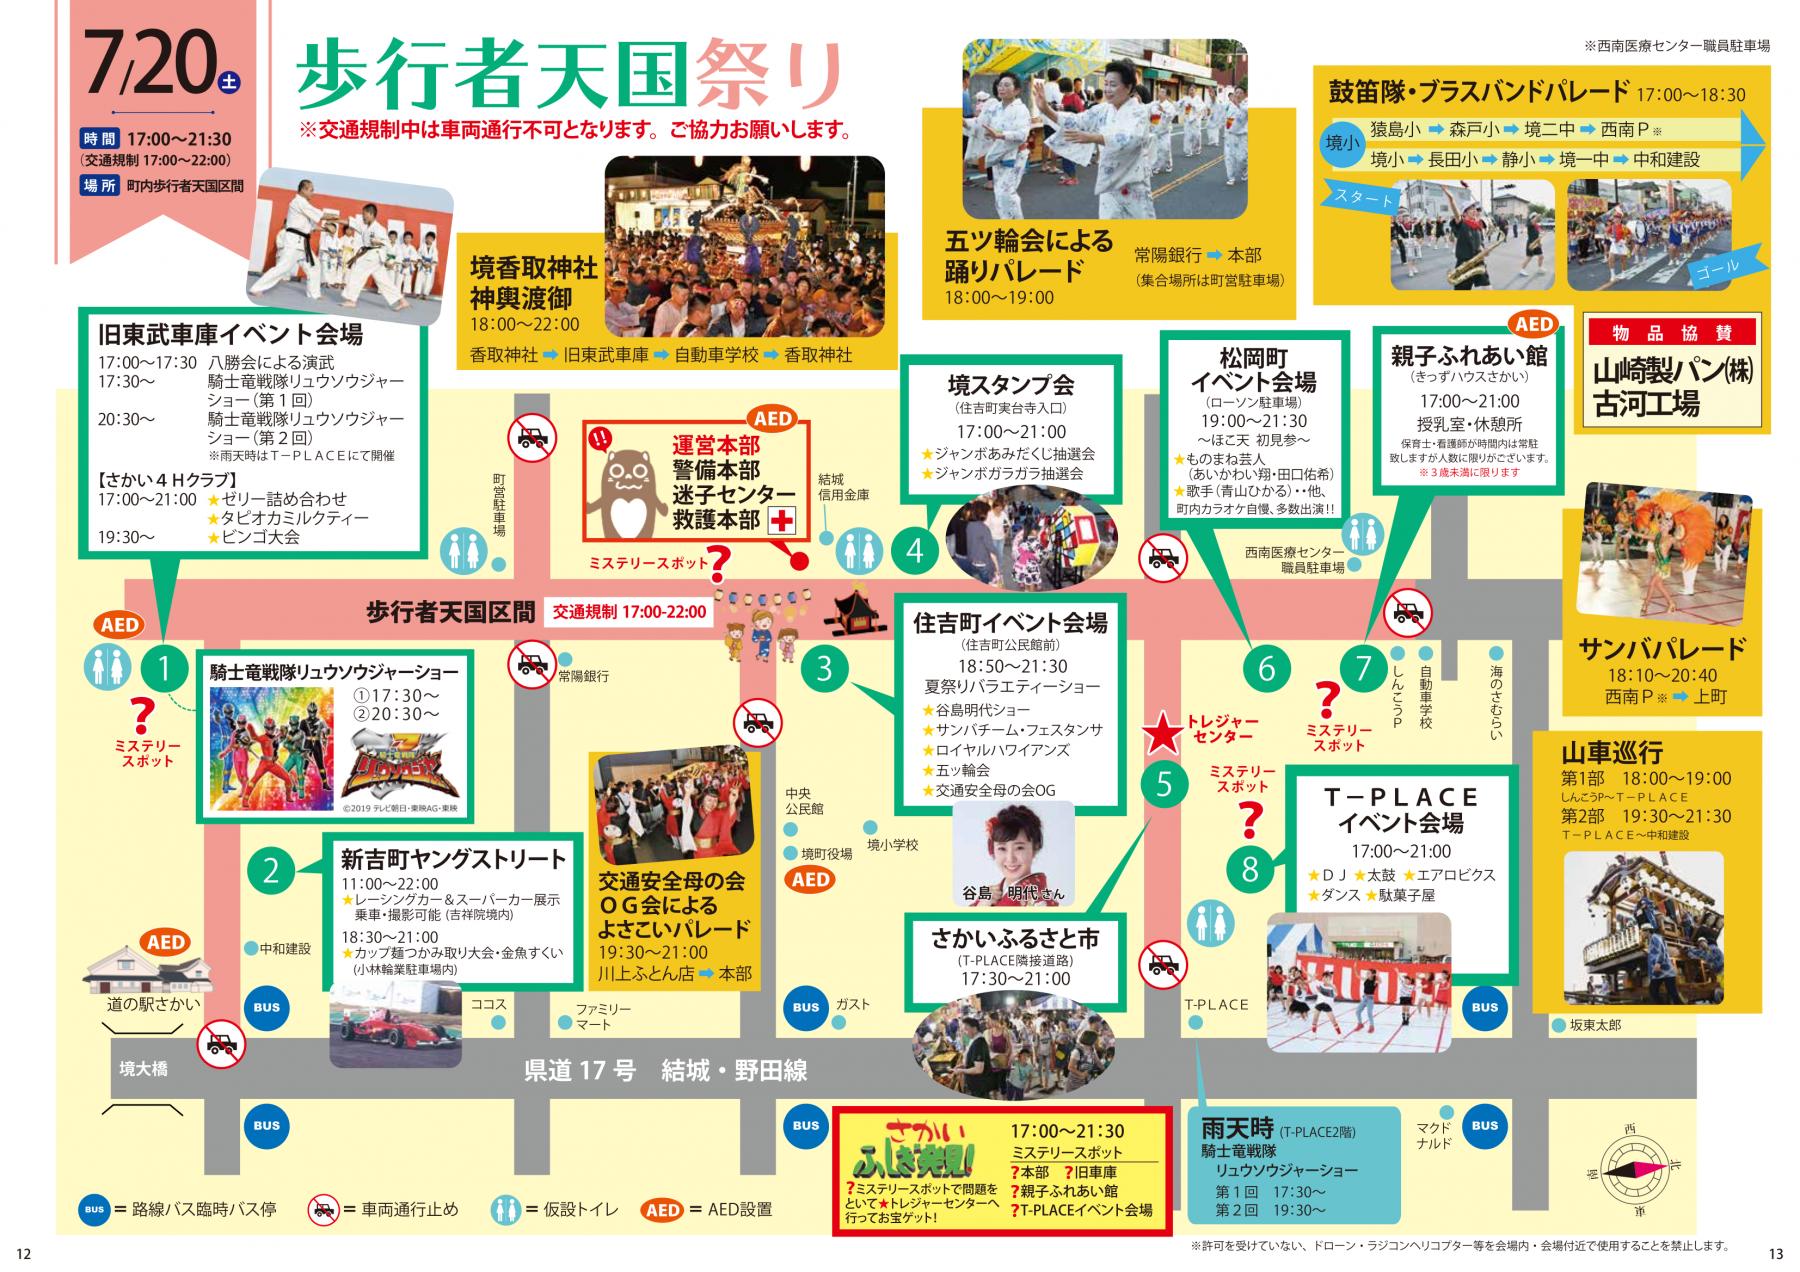 『第34回歩行者天国祭り』の画像